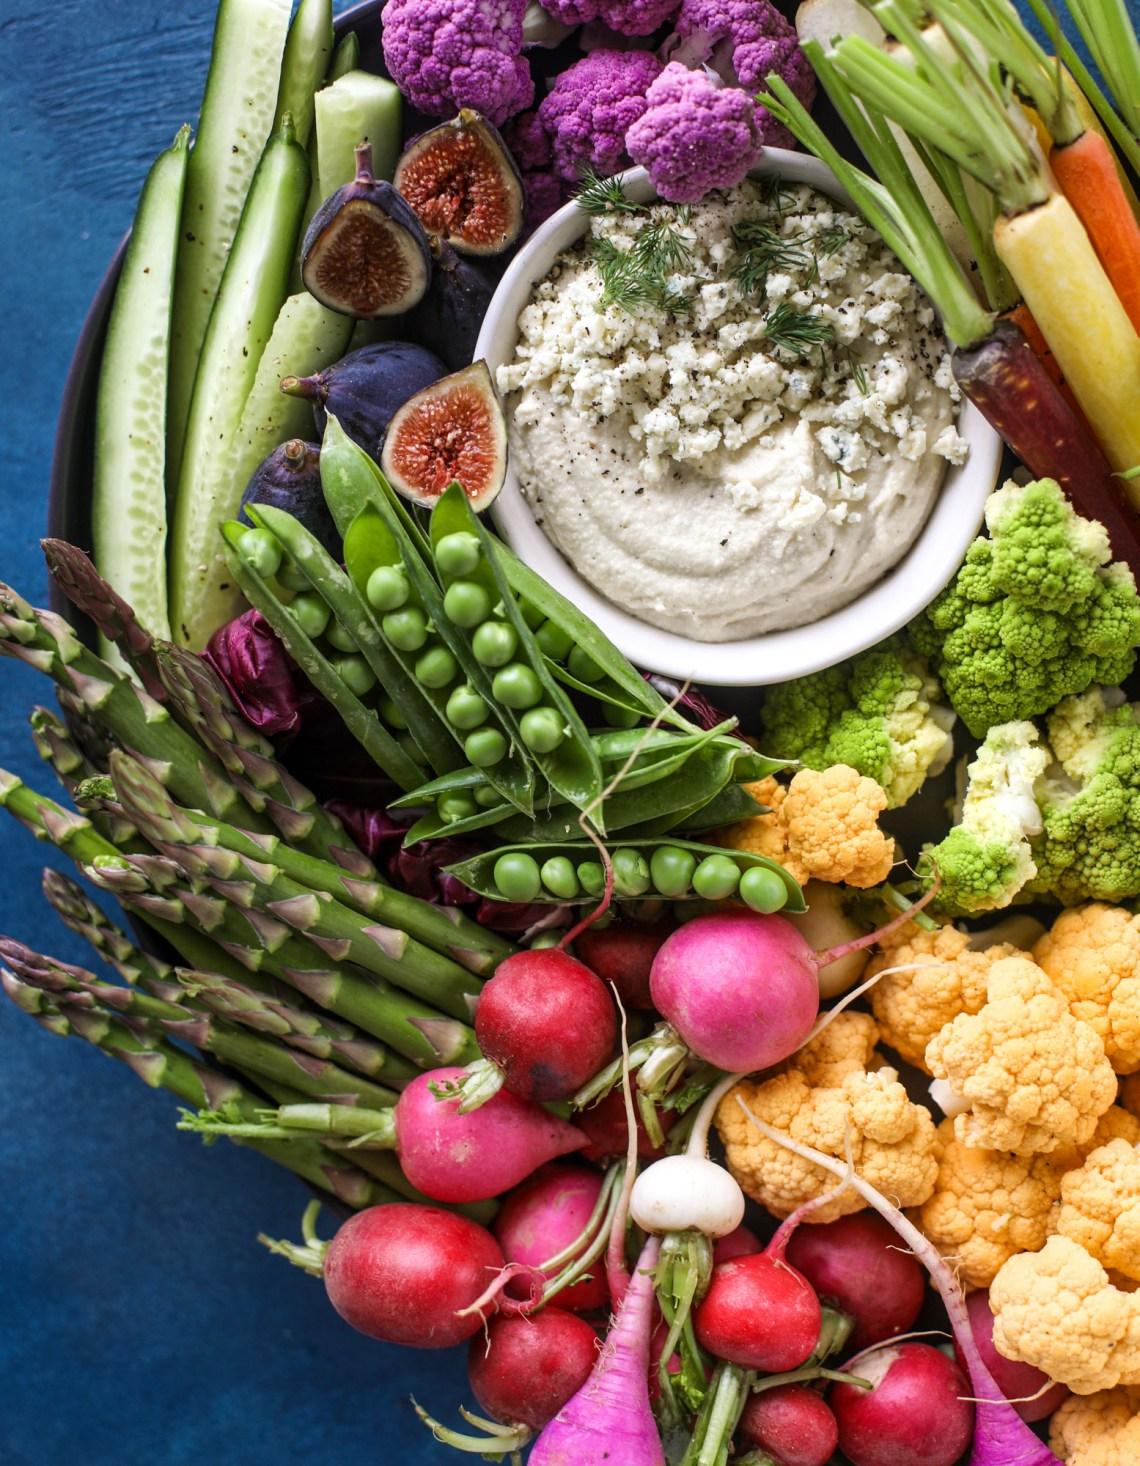 colorful spring veggie board